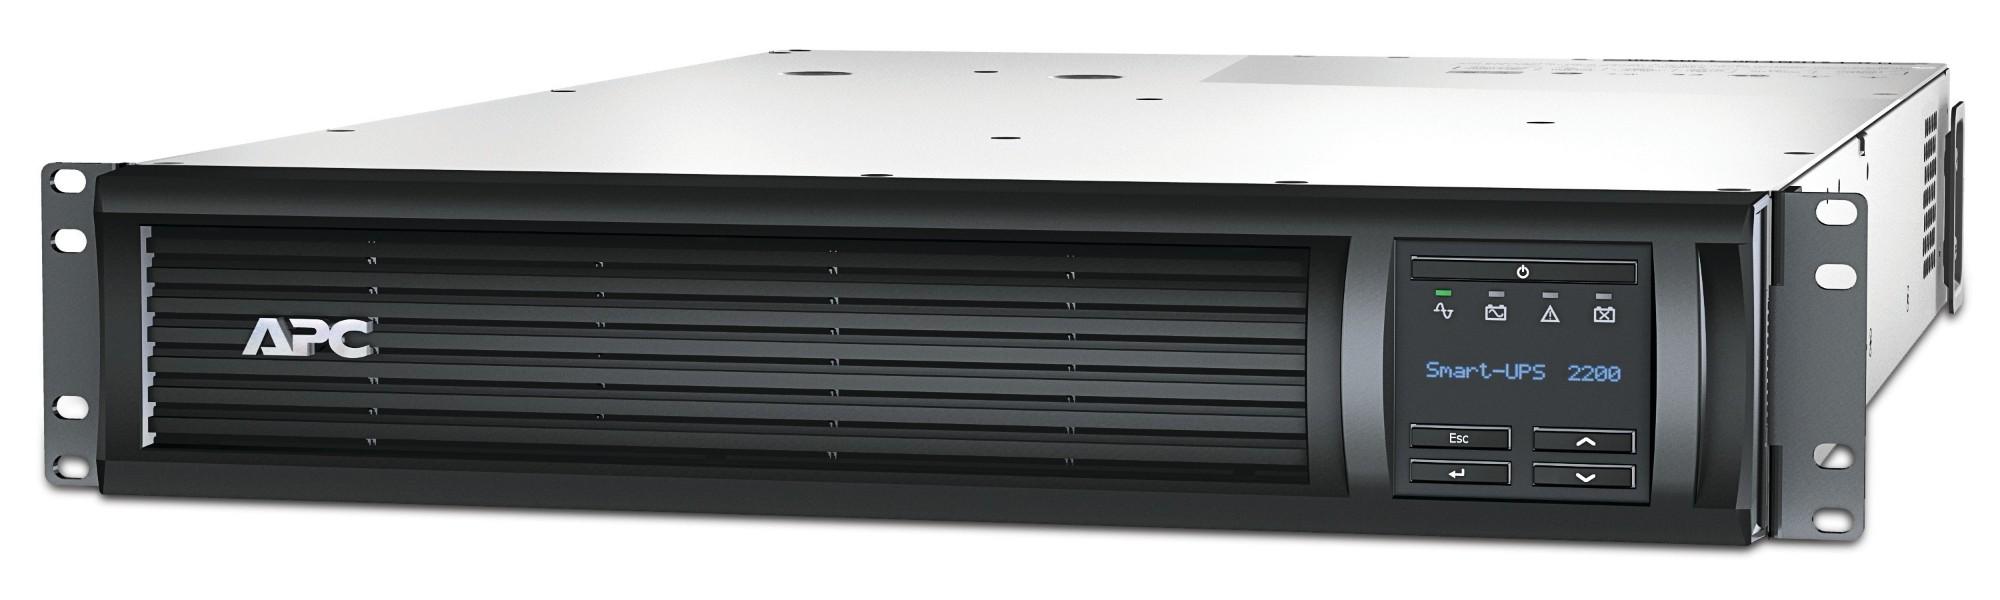 APC Smart-UPS 2200VA sistema de alimentación ininterrumpida (UPS) Línea interactiva 9 salidas AC